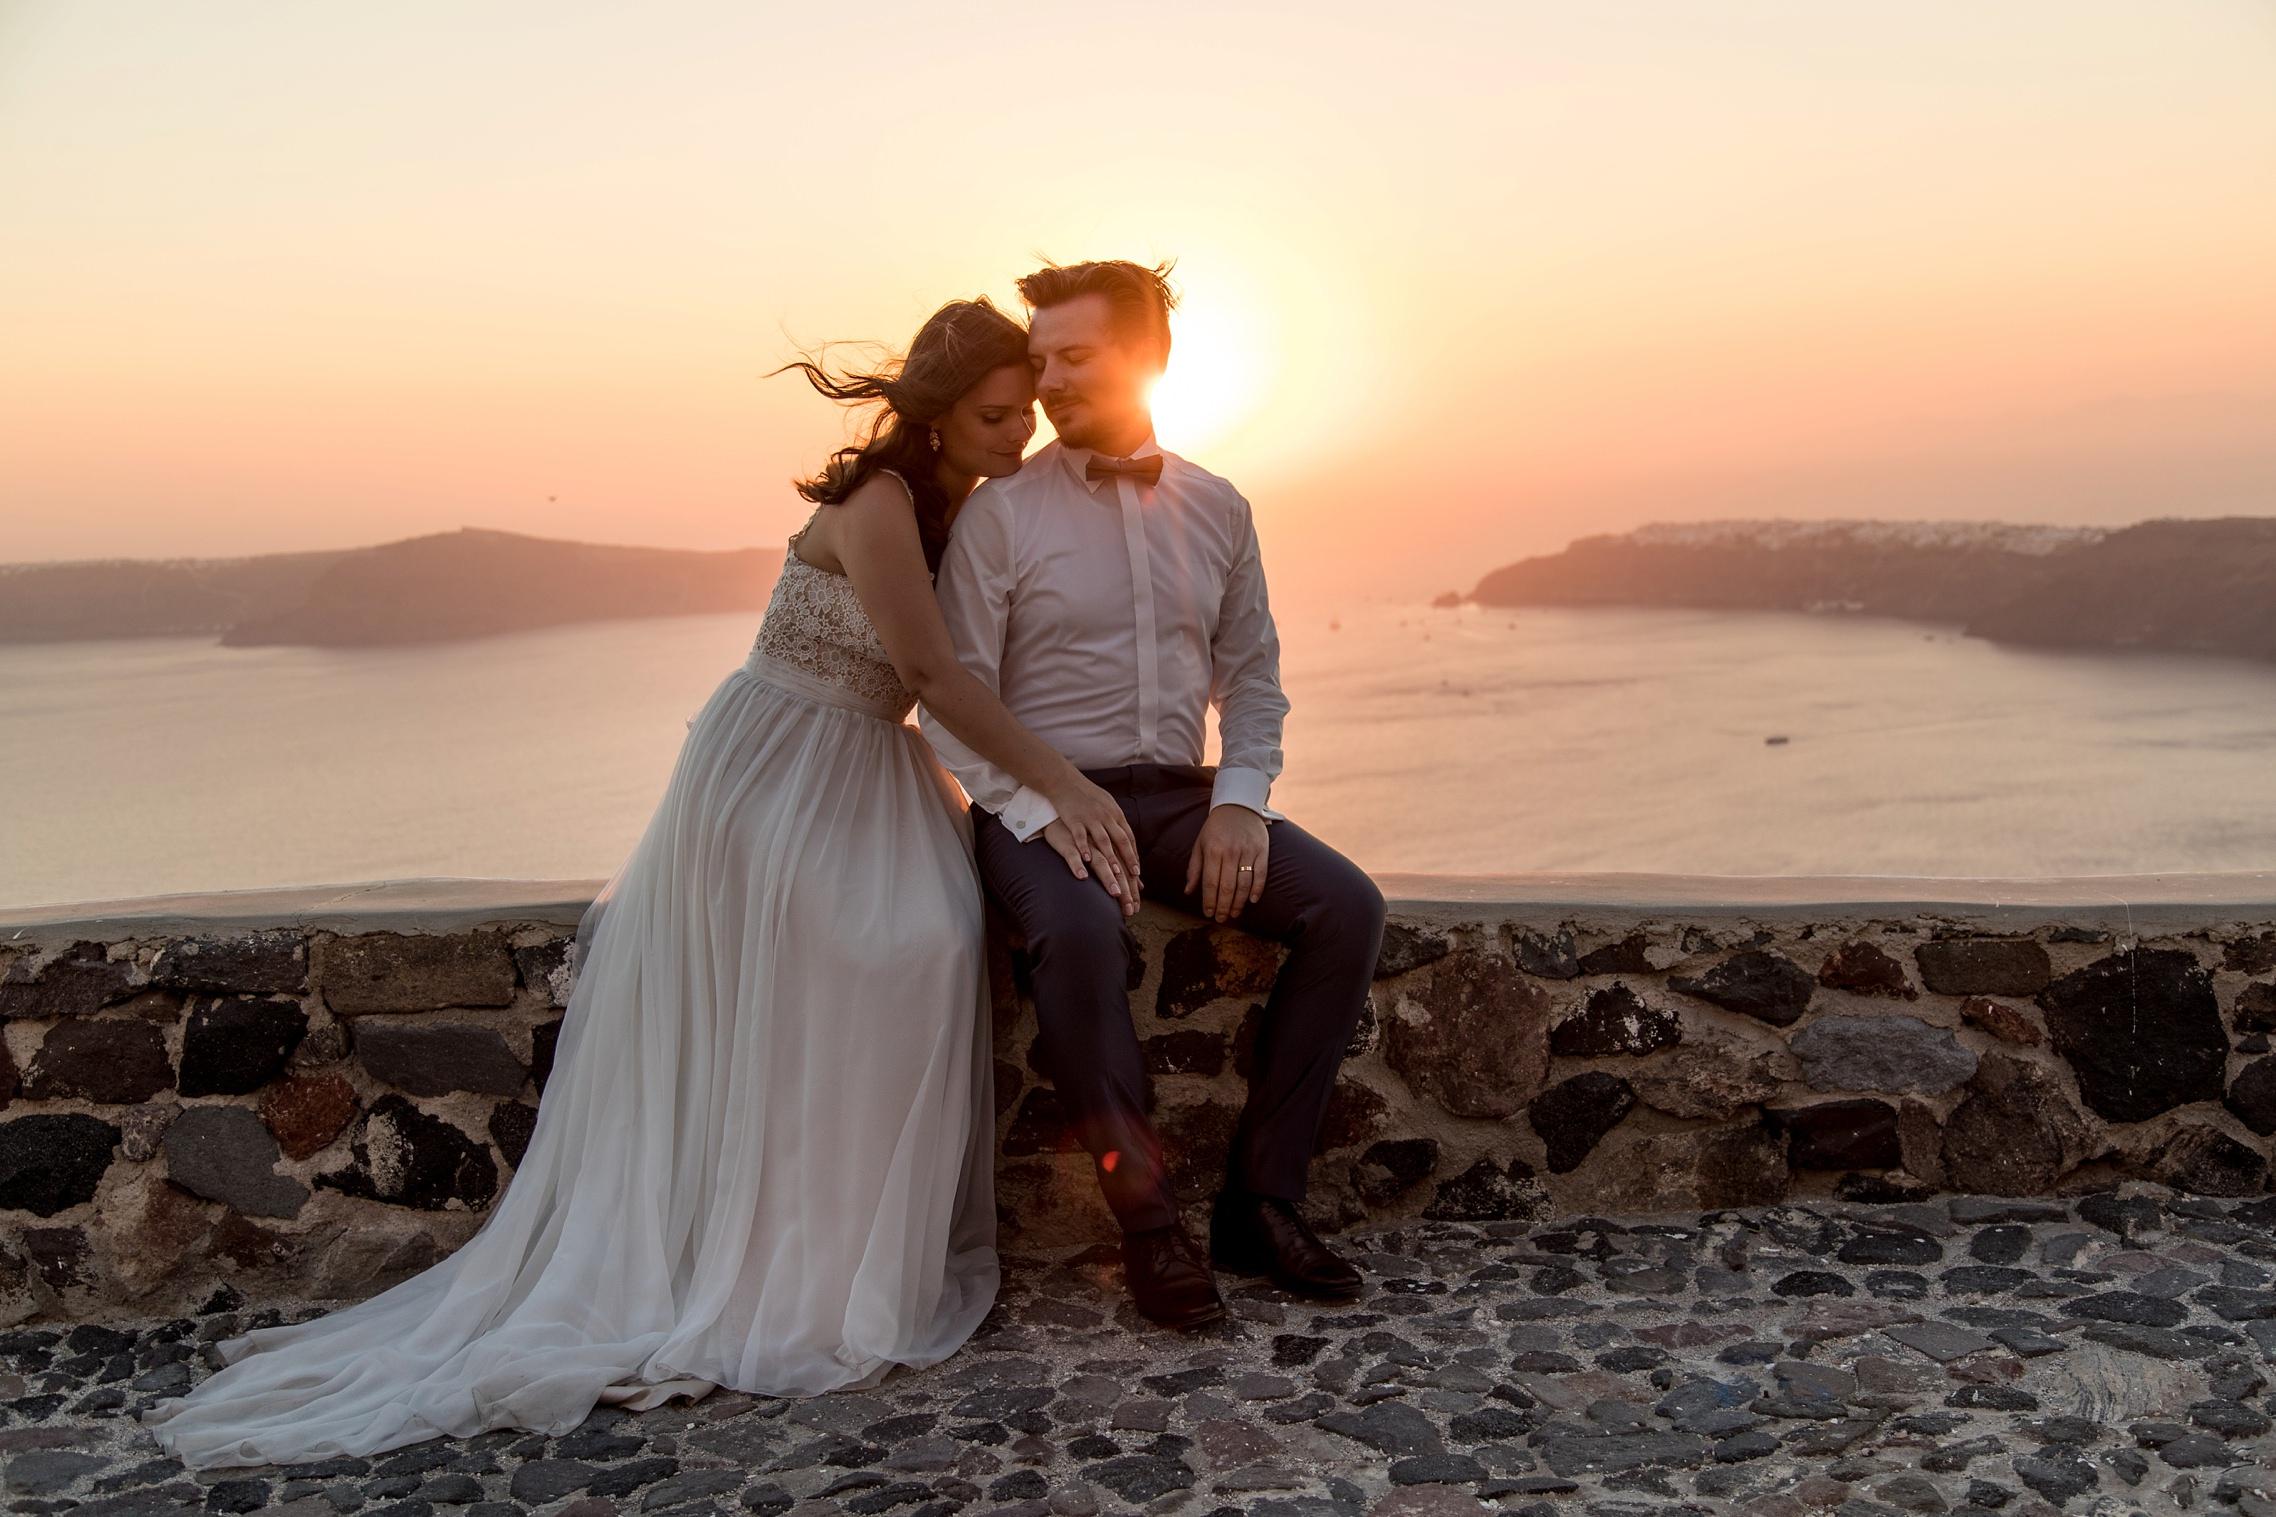 Romanisches Hochzeitspaar genießt den Sonnenuntergang auf Santorini beim After-Wedding Shooting und sitzt auf einer Steinmauer.